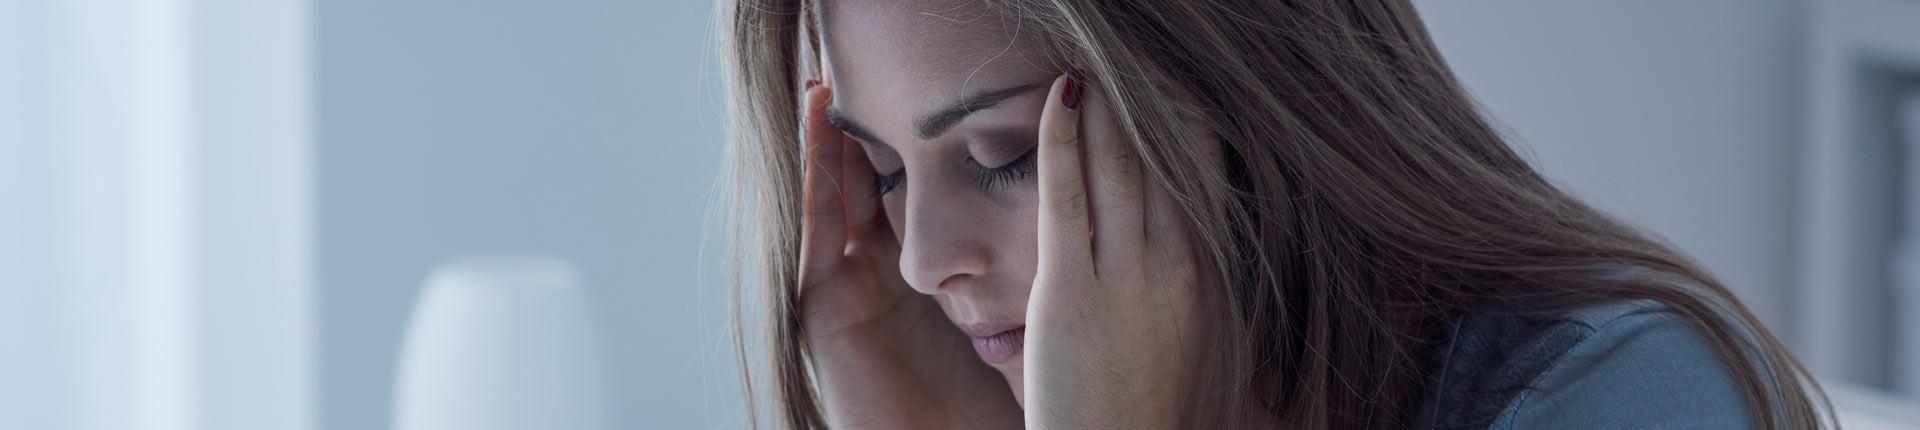 Brak snu powoduje zaburzenia hormonalne i metaboliczne